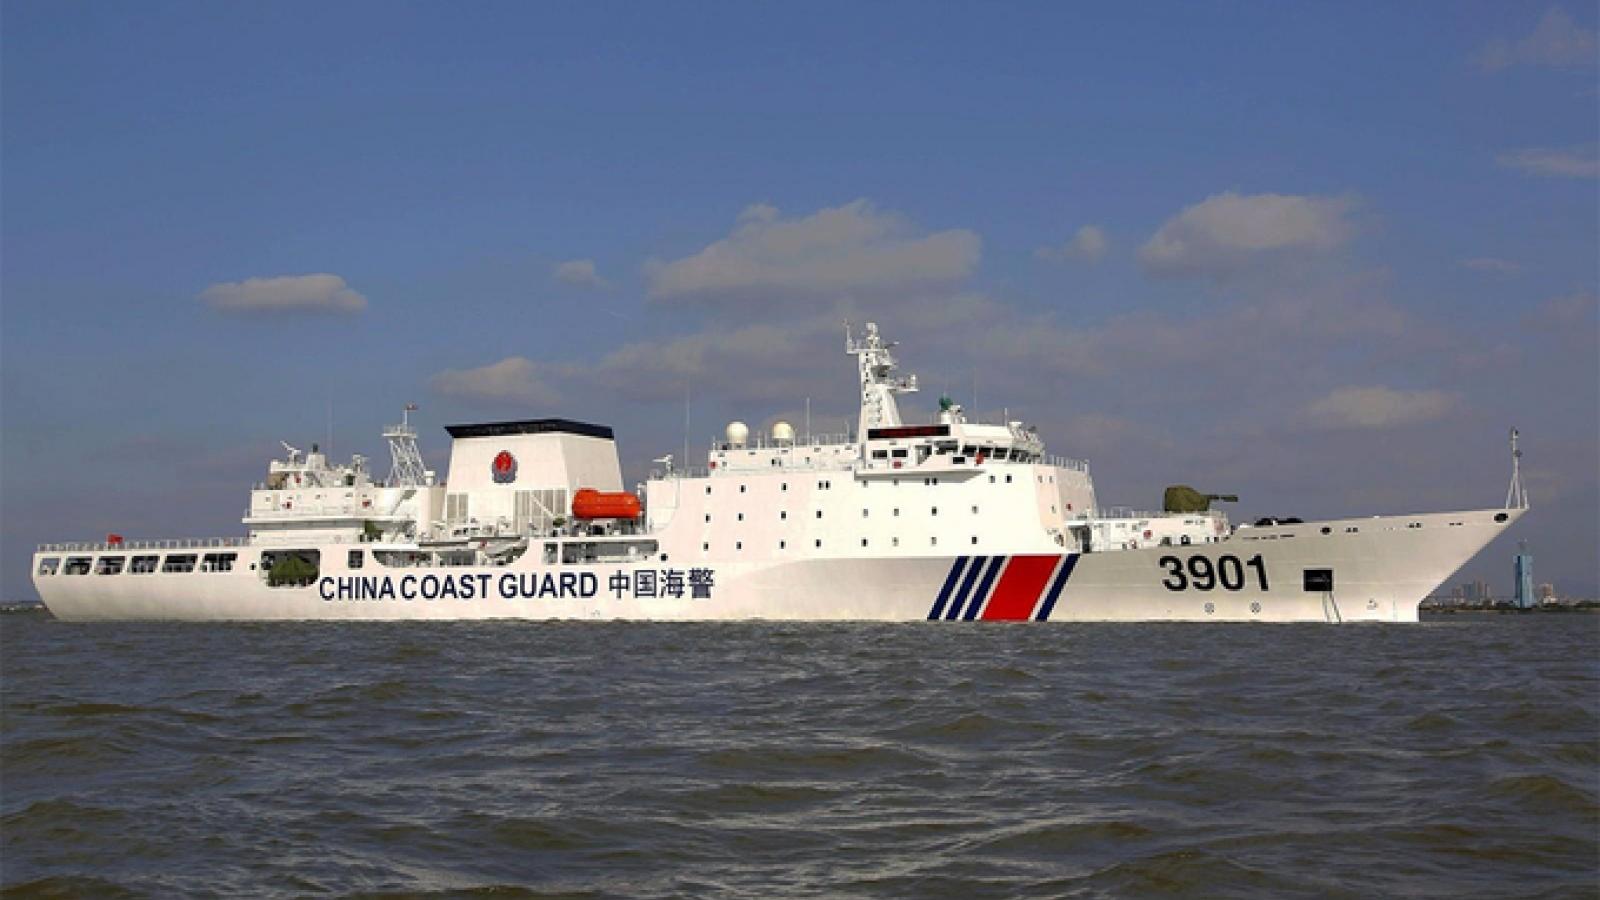 Luật Hải cảnh của Trung Quốc: Bất hợp pháp và gây nguy cơ xung đột ở Biển Đông